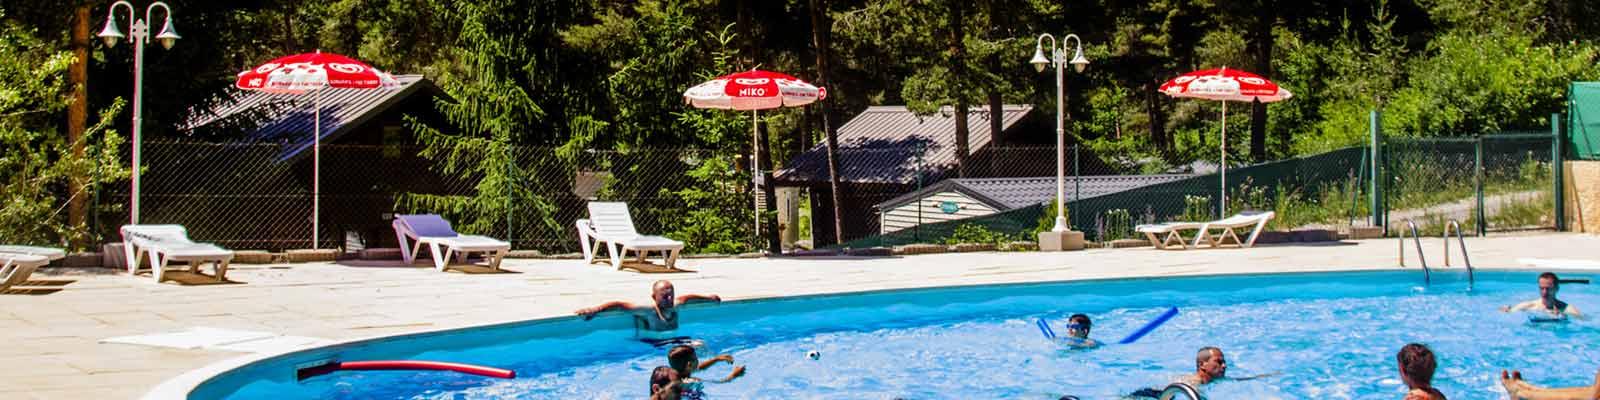 Camping avec piscine alpes de haute provence for Hotel hautes alpes avec piscine